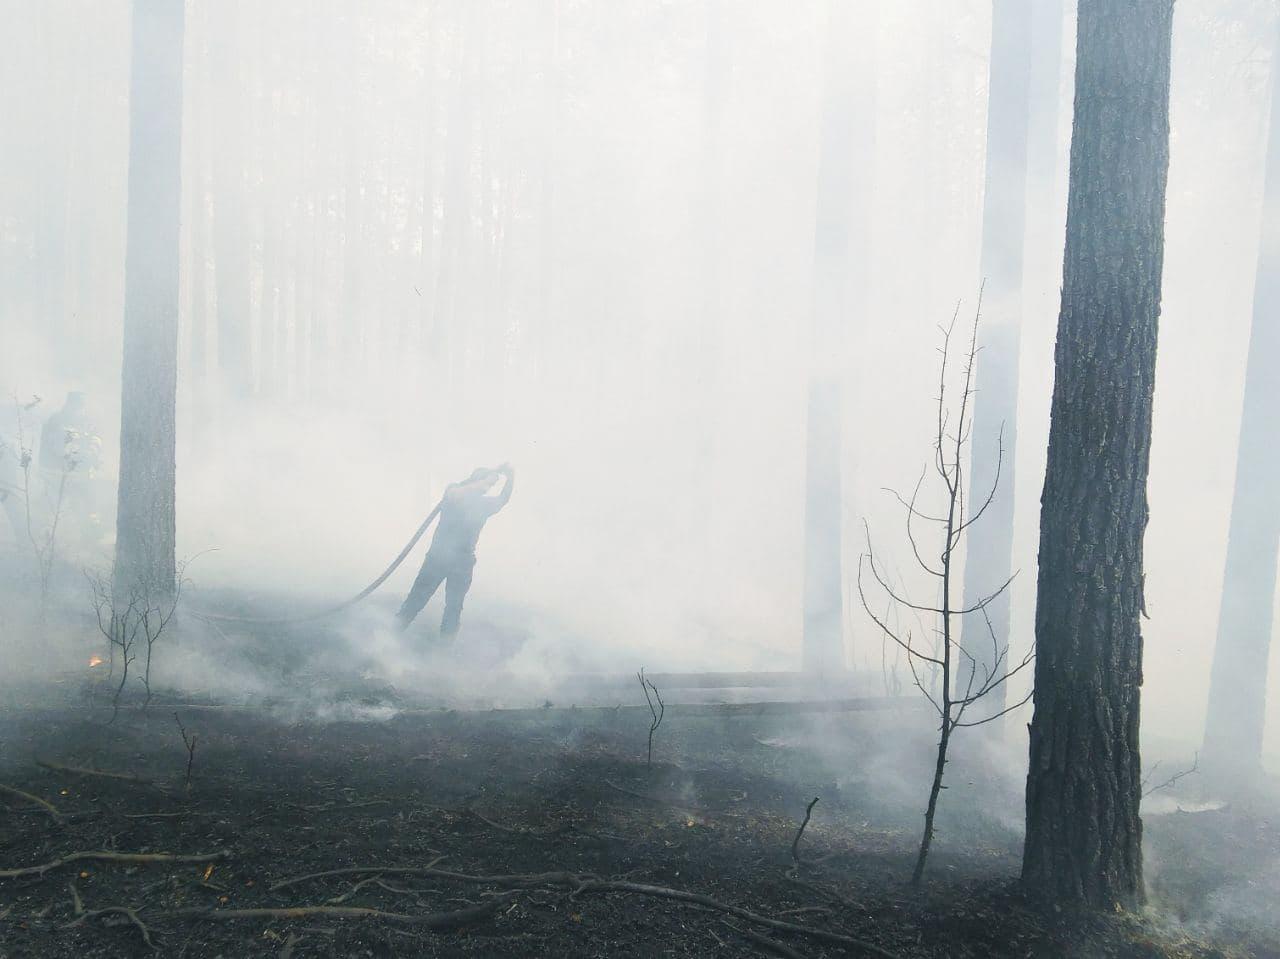 Опубликованы кадры борьбы с лесным пожаром в Марий Эл глазами добровольцев